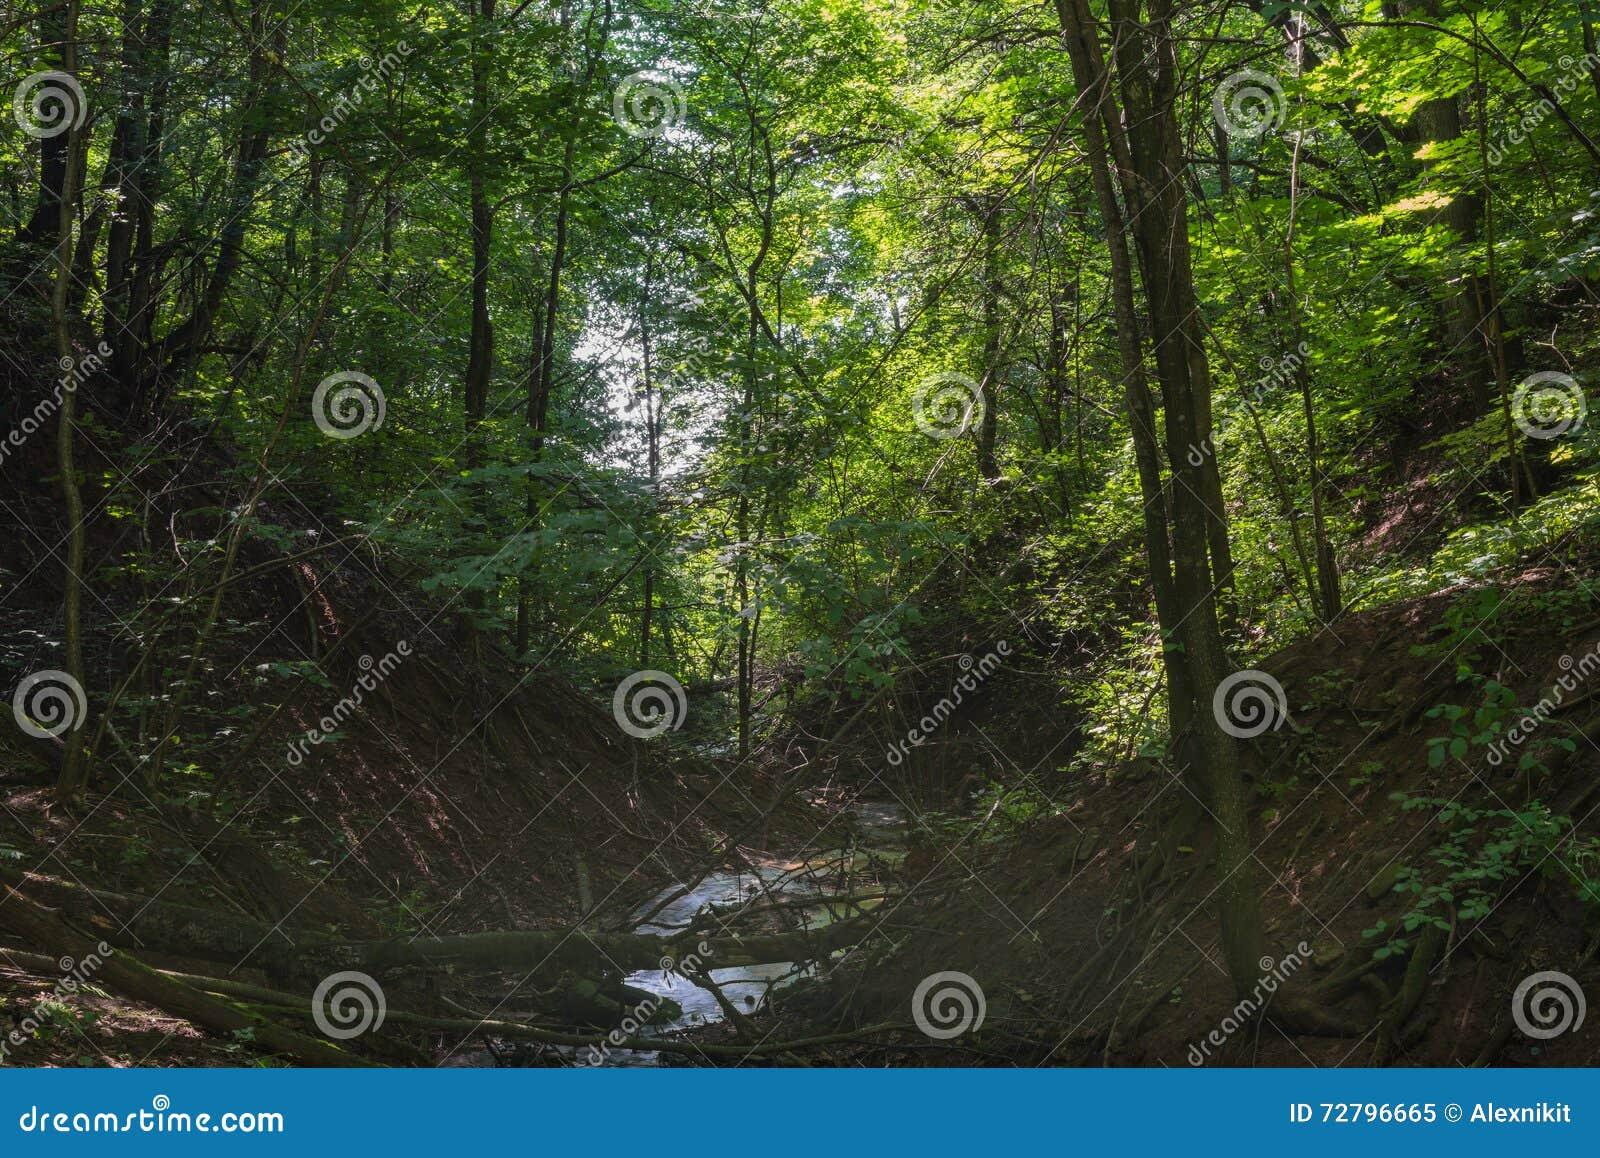 stream dark